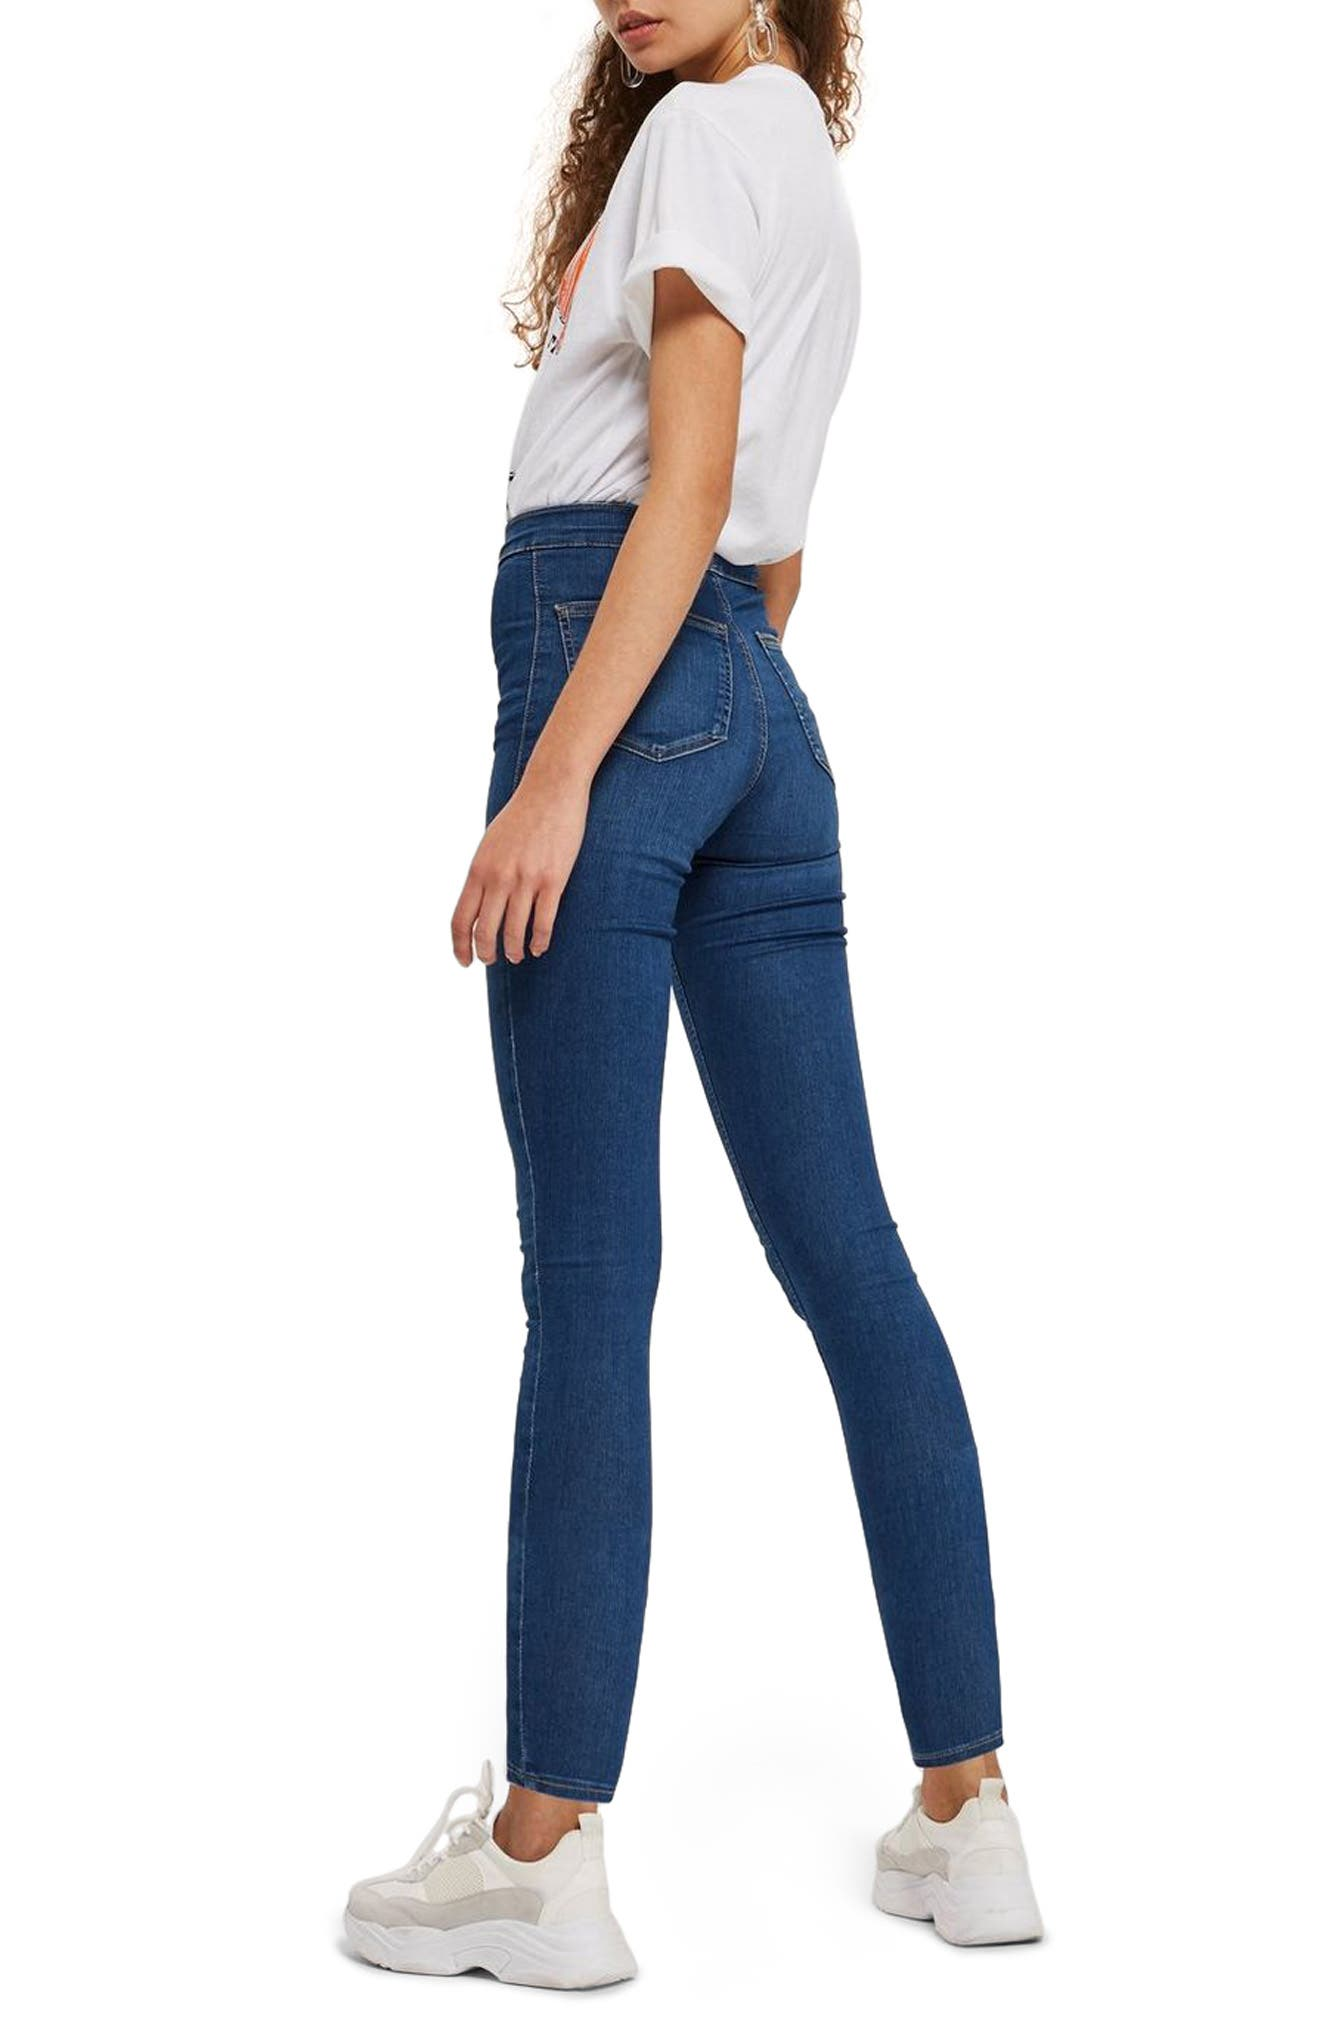 Moto Joni Skinny Jeans,                             Alternate thumbnail 2, color,                             BLUE